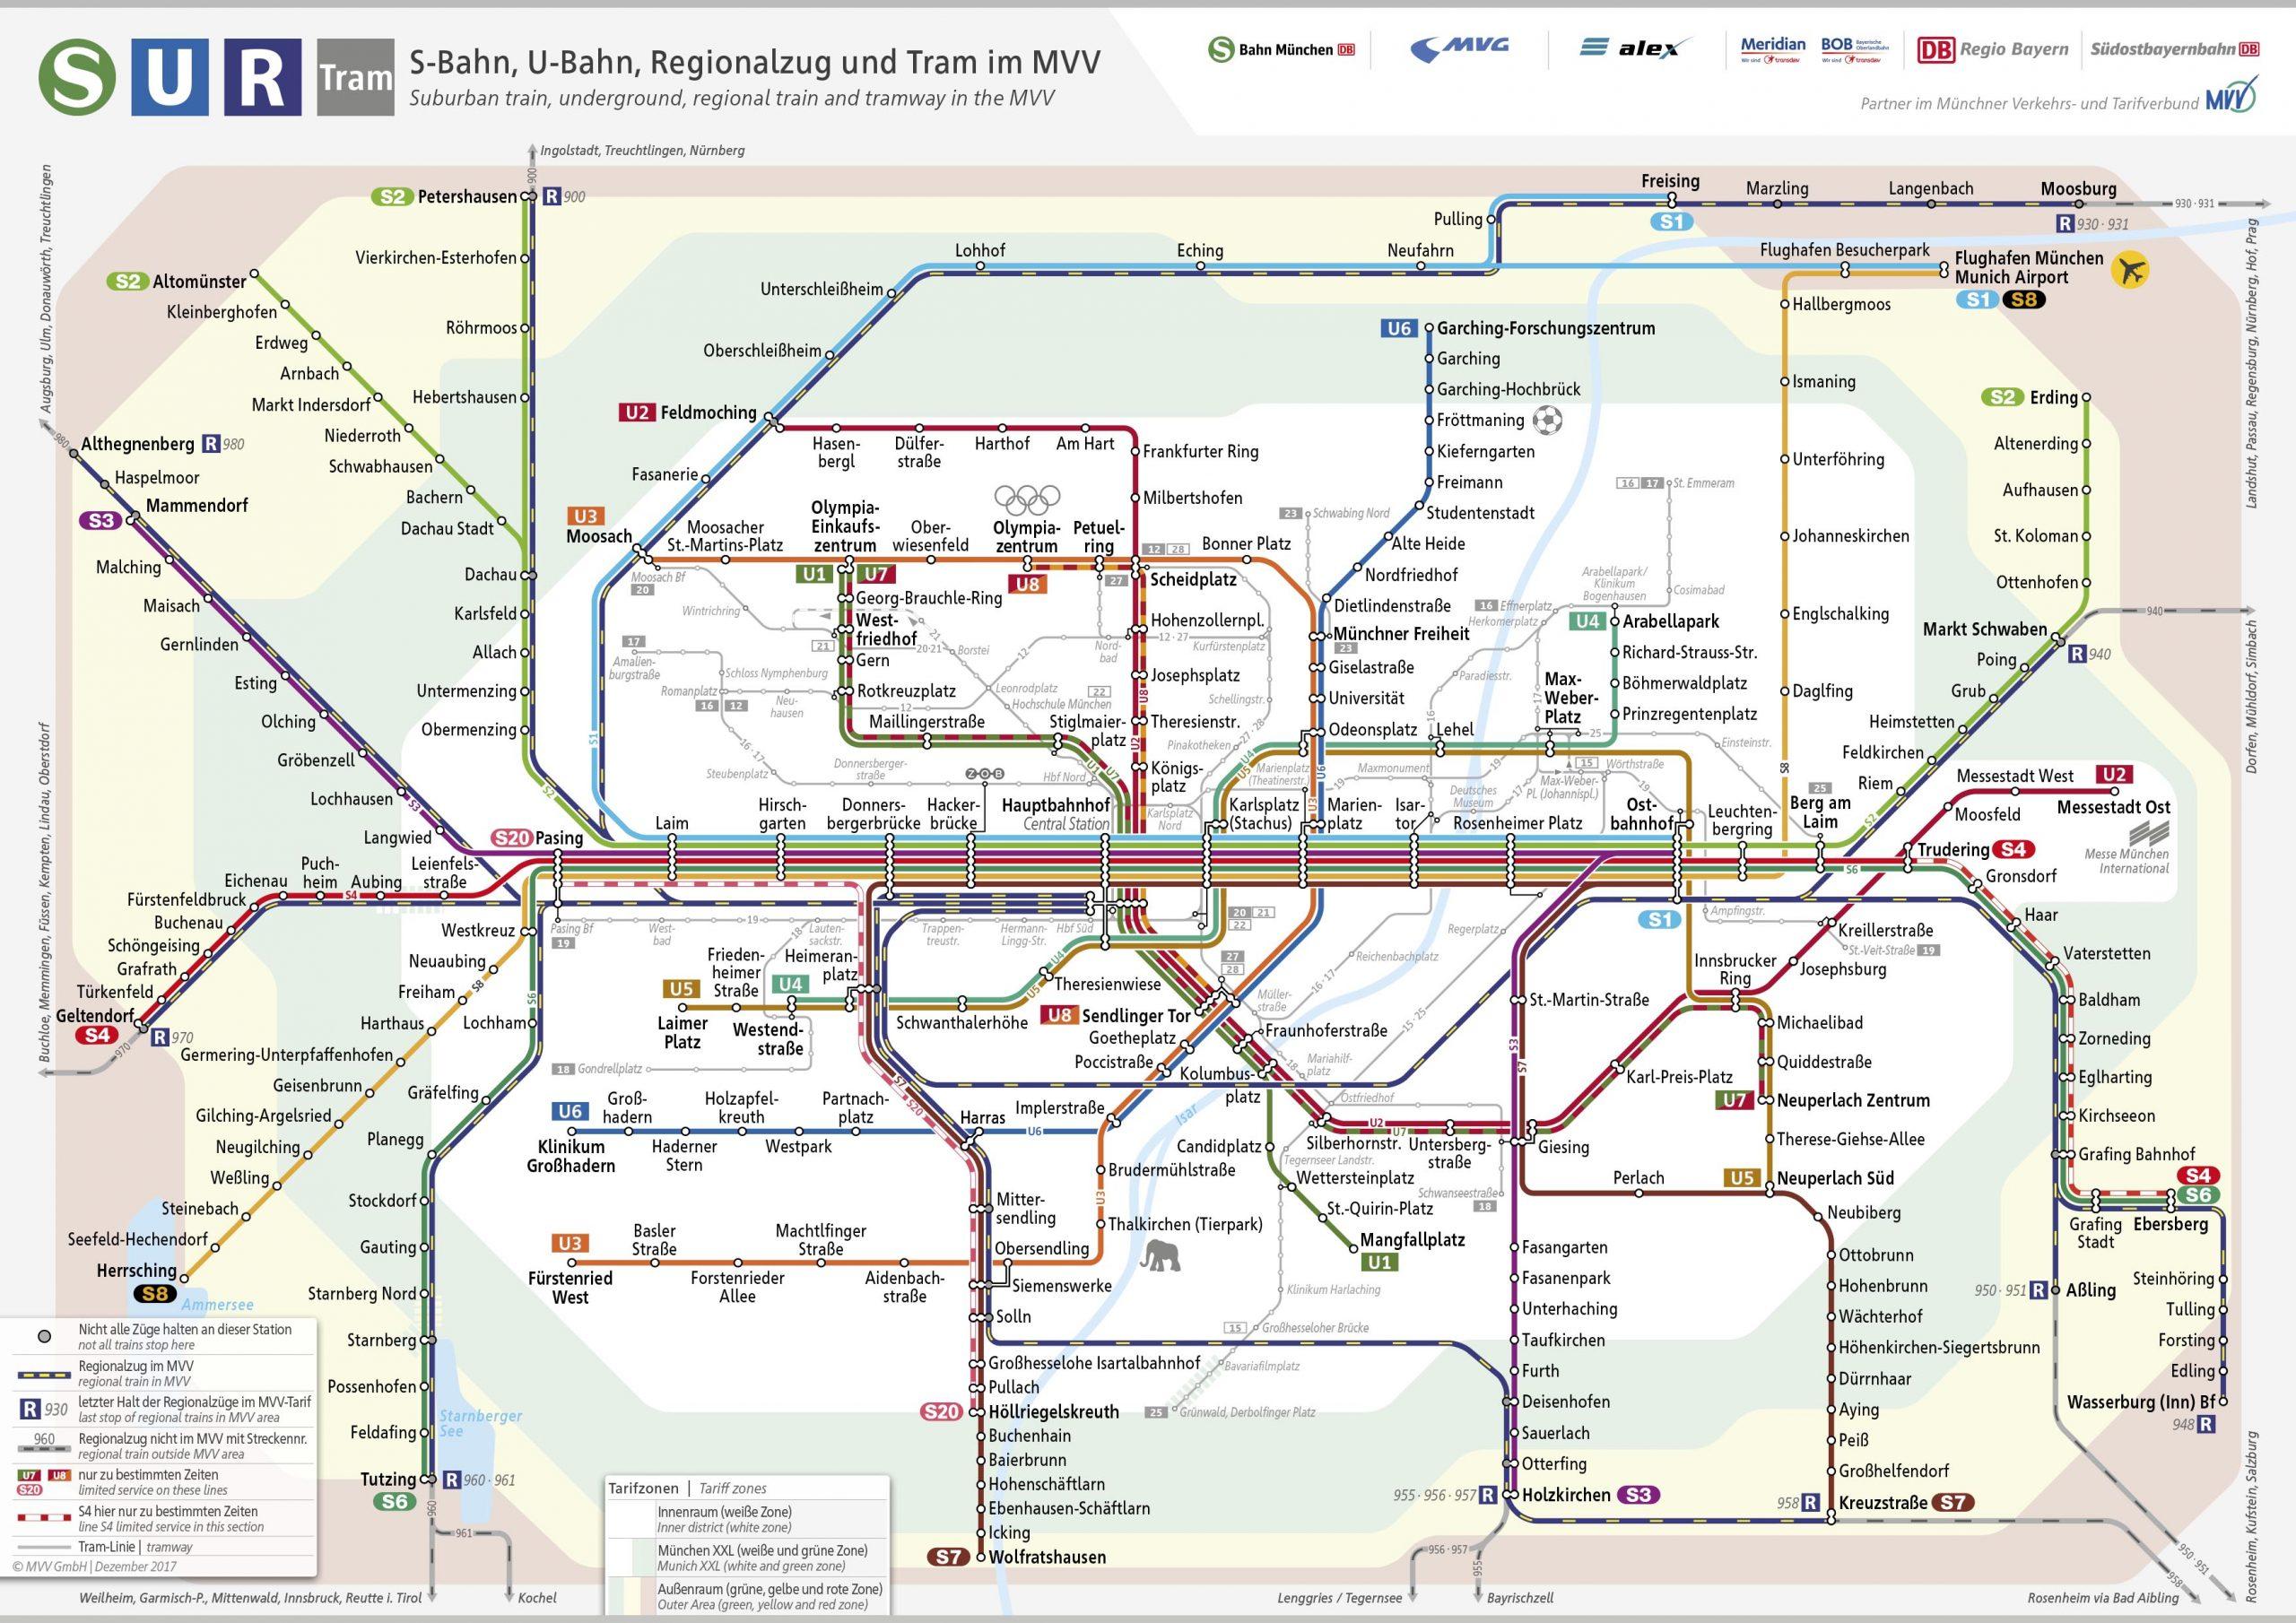 Mapa com as linhas de transporte público de Munique